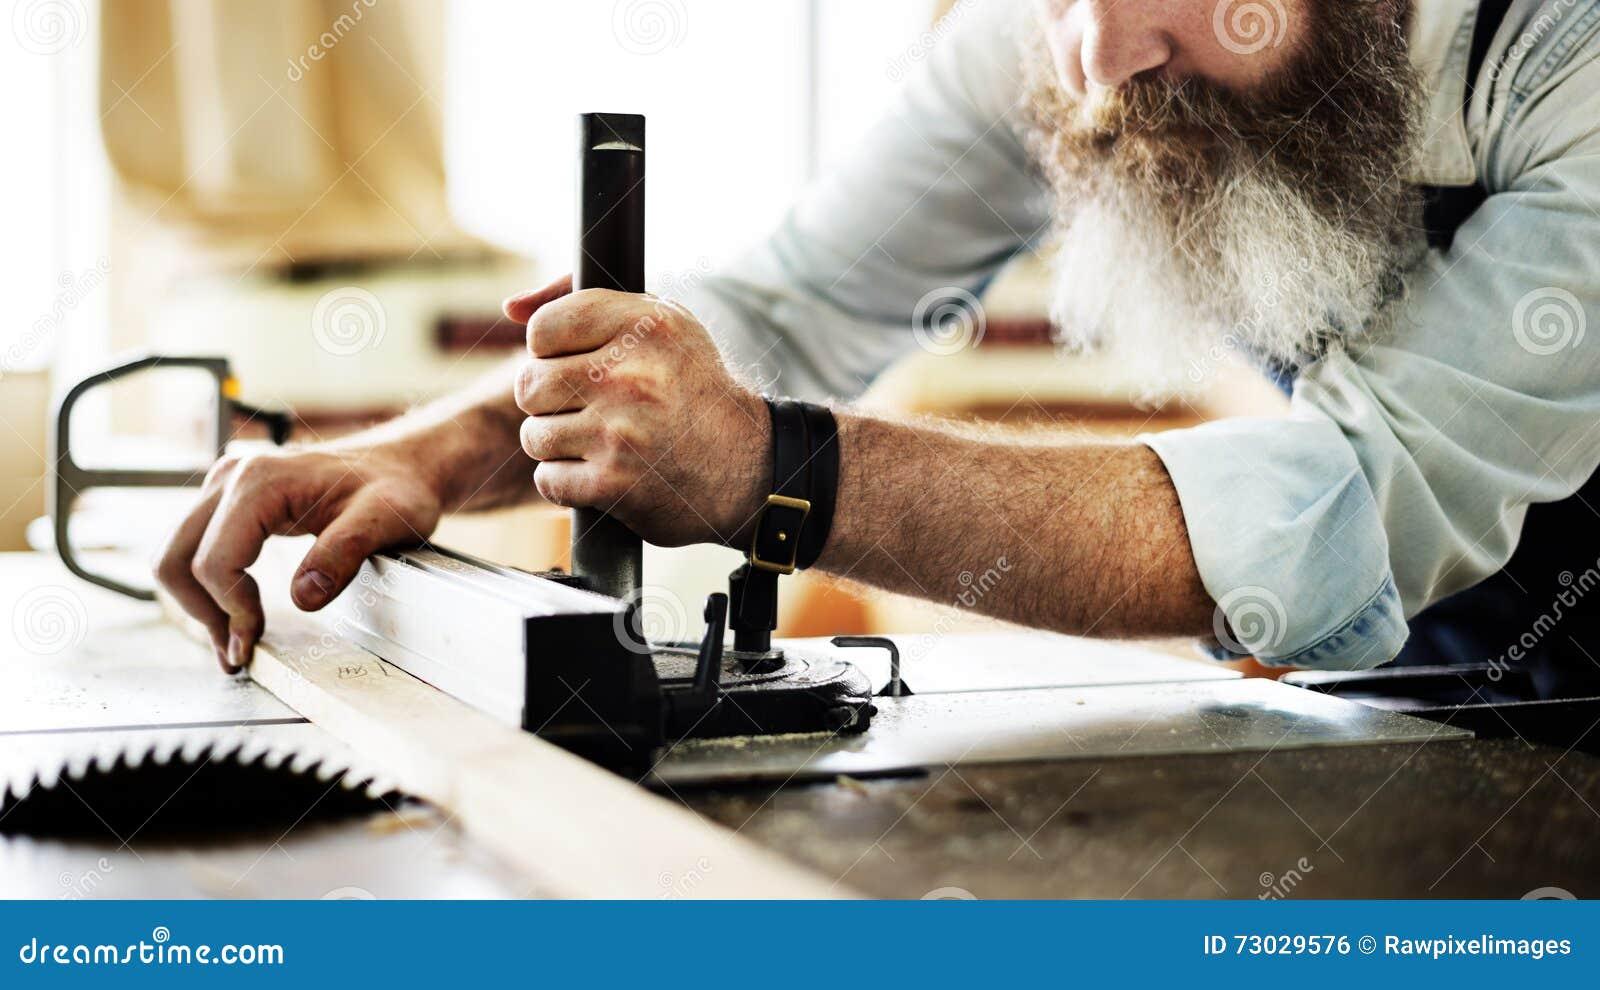 Atelier en bois de Craftsmanship Carpentry Handicraft de charpentier concentré